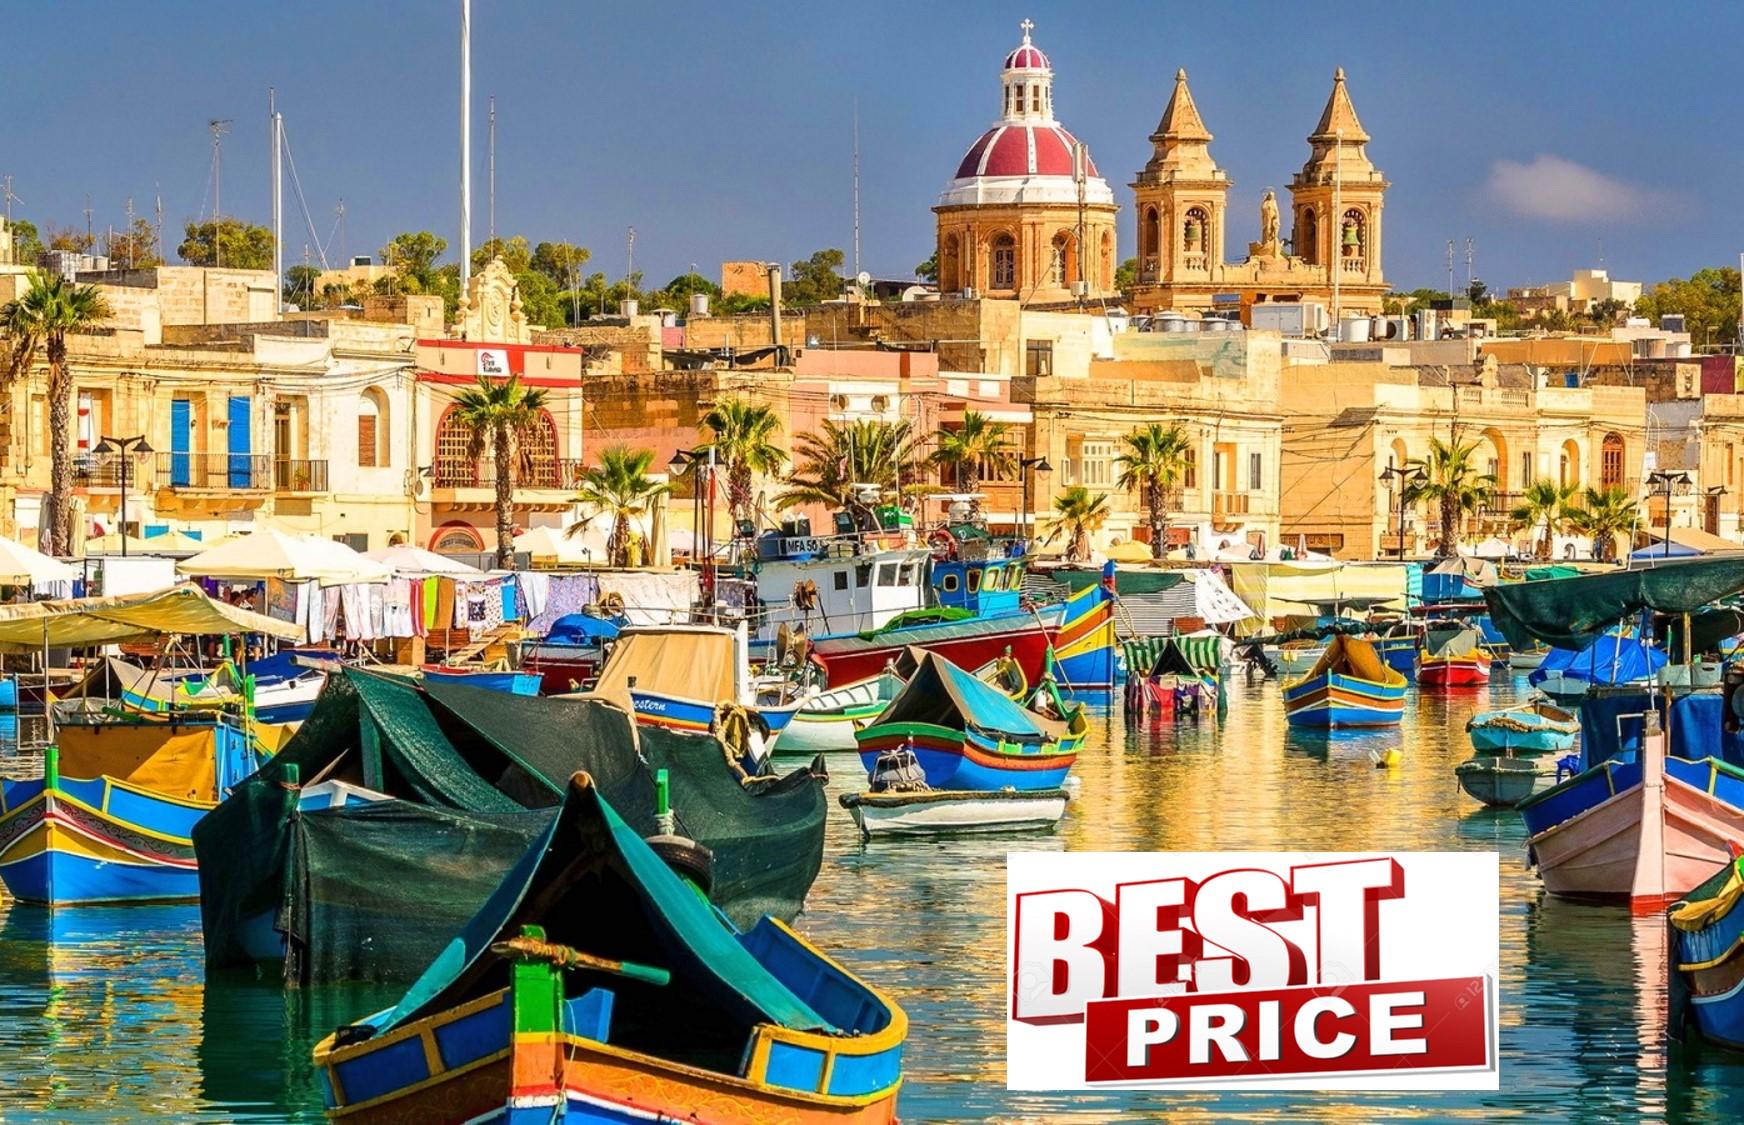 ΜΑΛΤΑ στην καλύτερη τιμή που έγινε ποτέ! 299€ για 5 μέρες με Αεροπορικά, Κεντρικό Ξενοδοχείο & Φόρους πληρωμένους